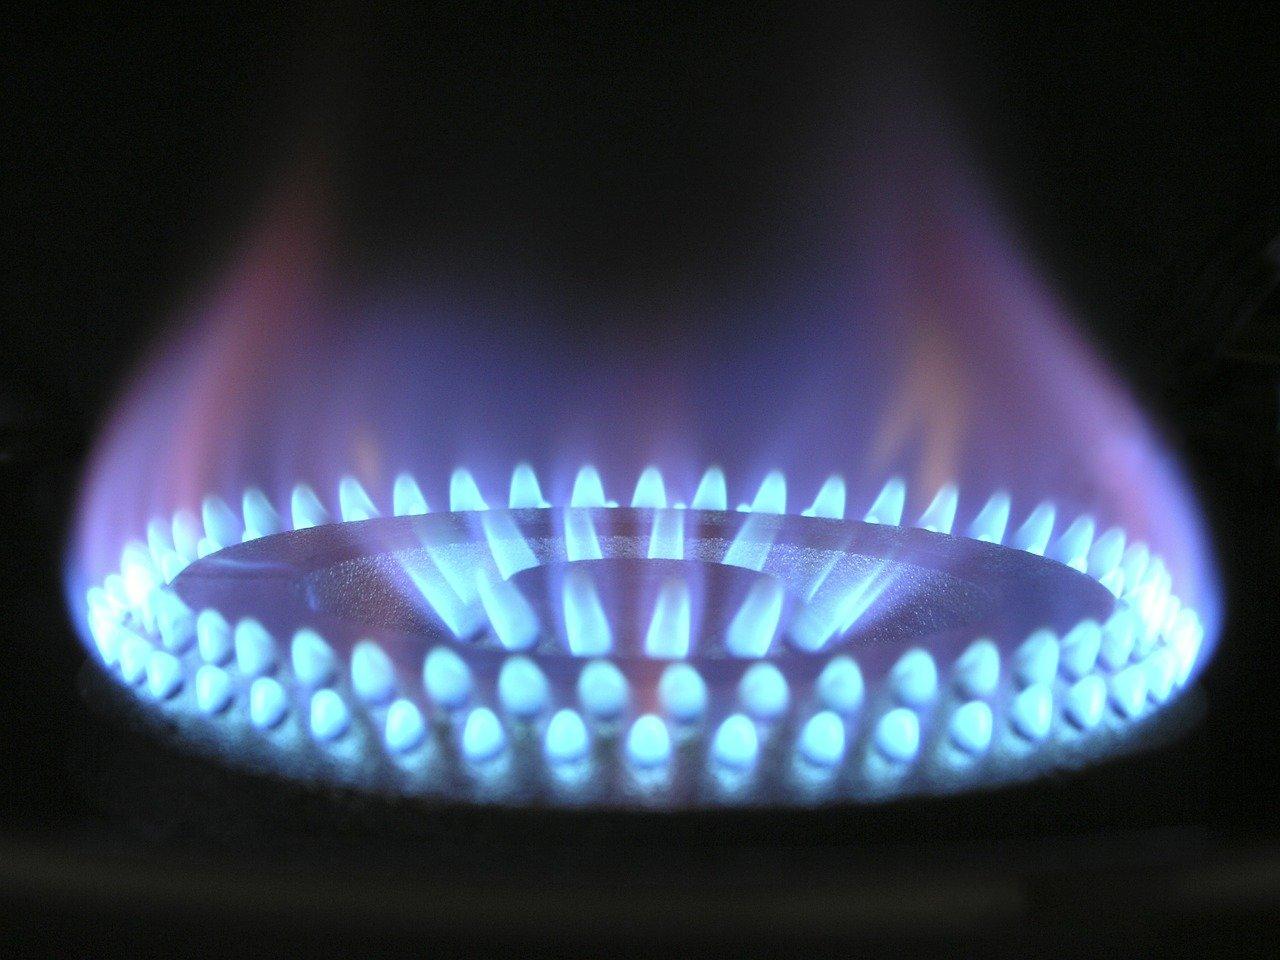 Белокалитвинскому району выделили средства на строительство распределительных сетей газоснабжения